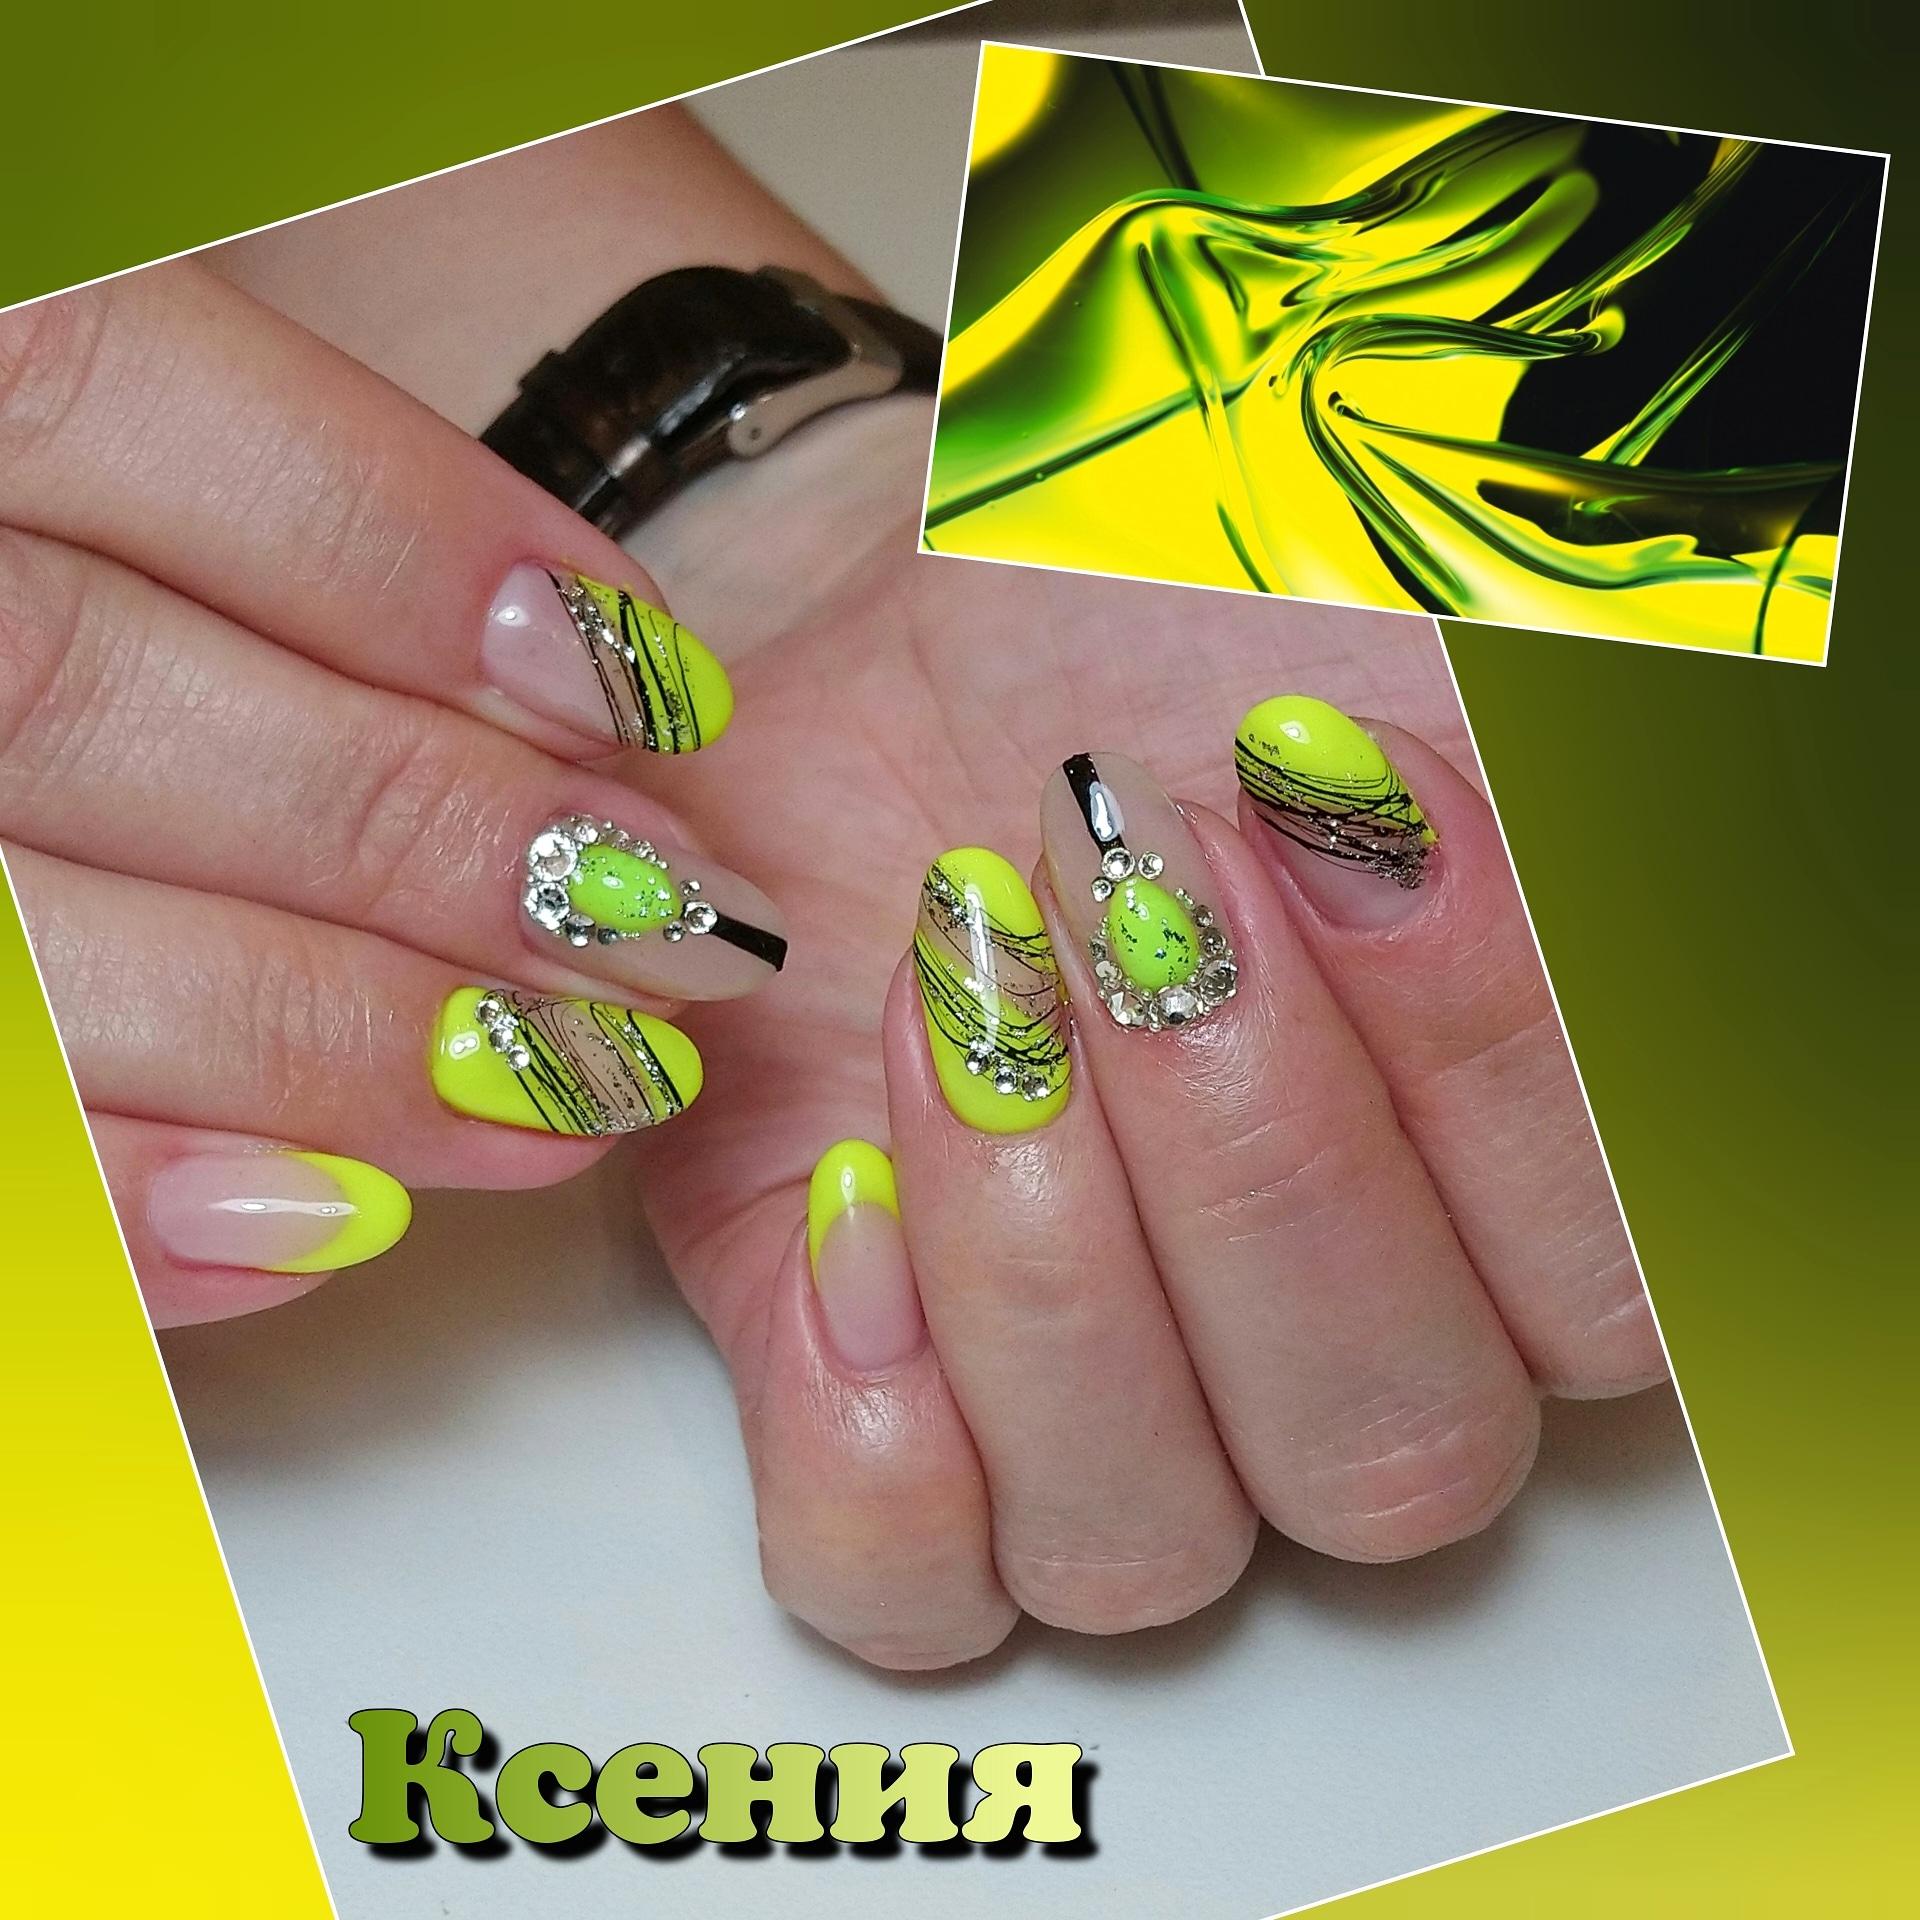 Маникюр с паутинкой, стразами и френч-дизайном в желтом цвете на короткие ногти.